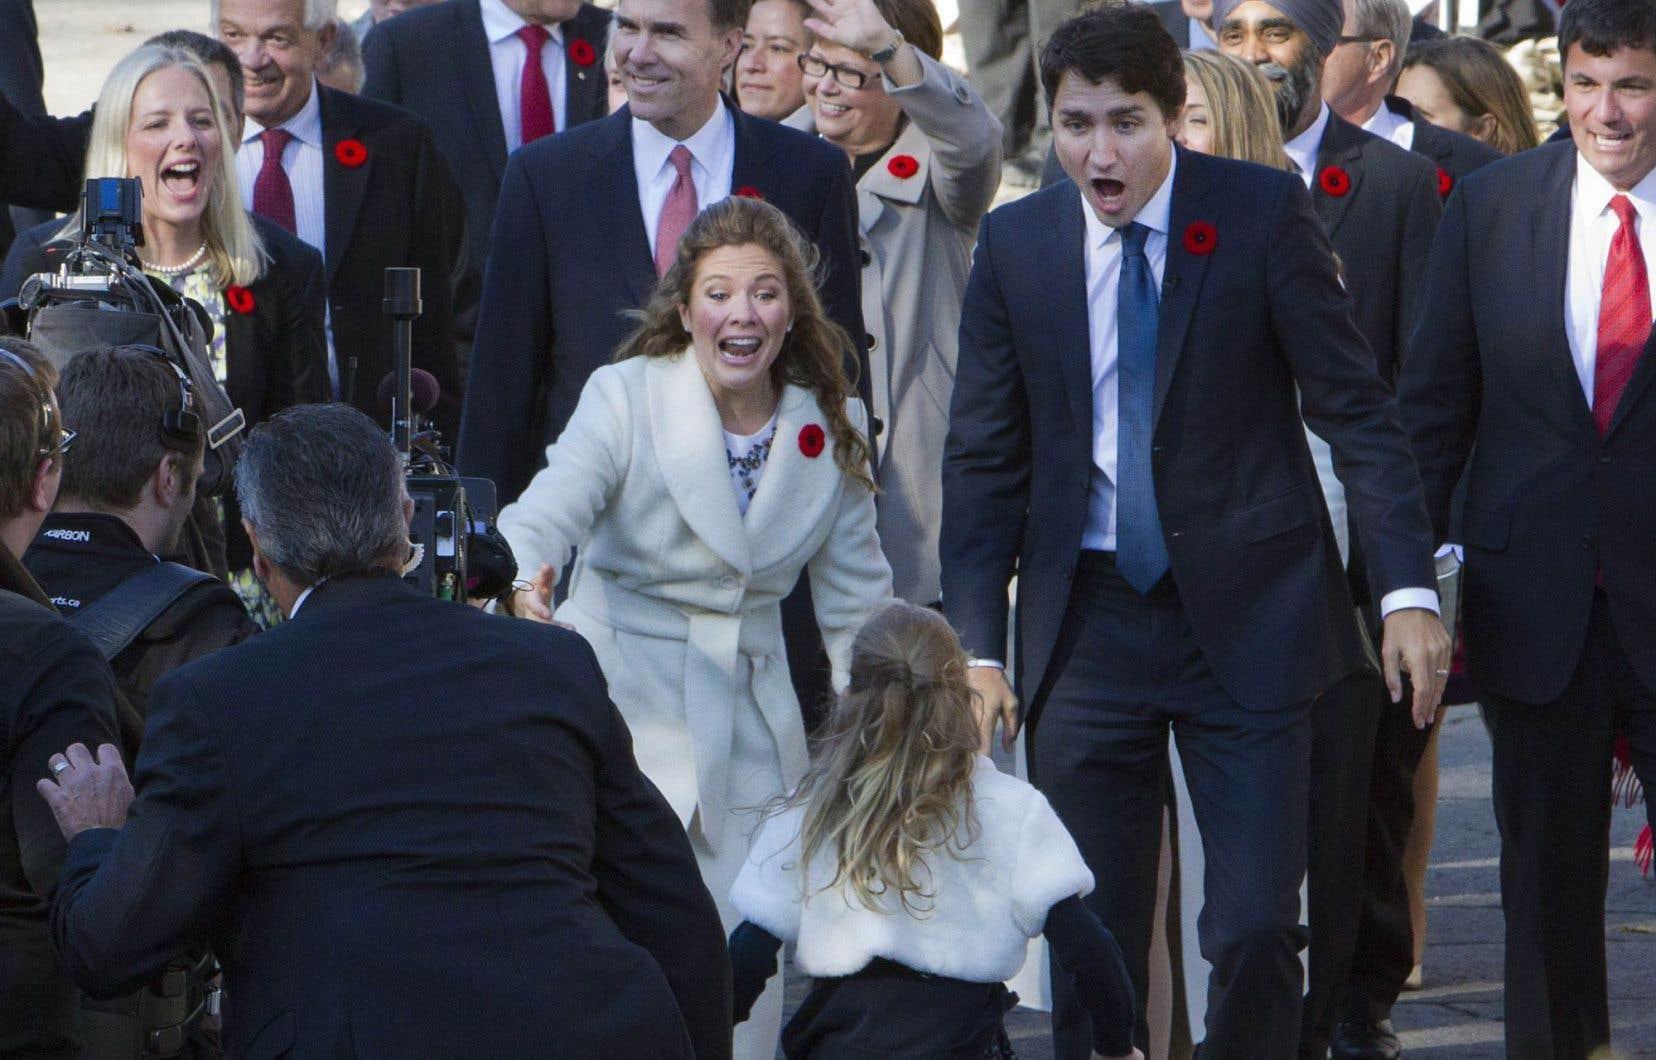 Justin Trudeau et sa conjointe Sophie Grégoire accueillent avec amusement leur fille à Rideau Hall. M. Trudeau est arrivé à pied à la résidence du gouverneur général pour son assermentation à titre de premier ministre du Canada, entouré de ses ministres désignés.